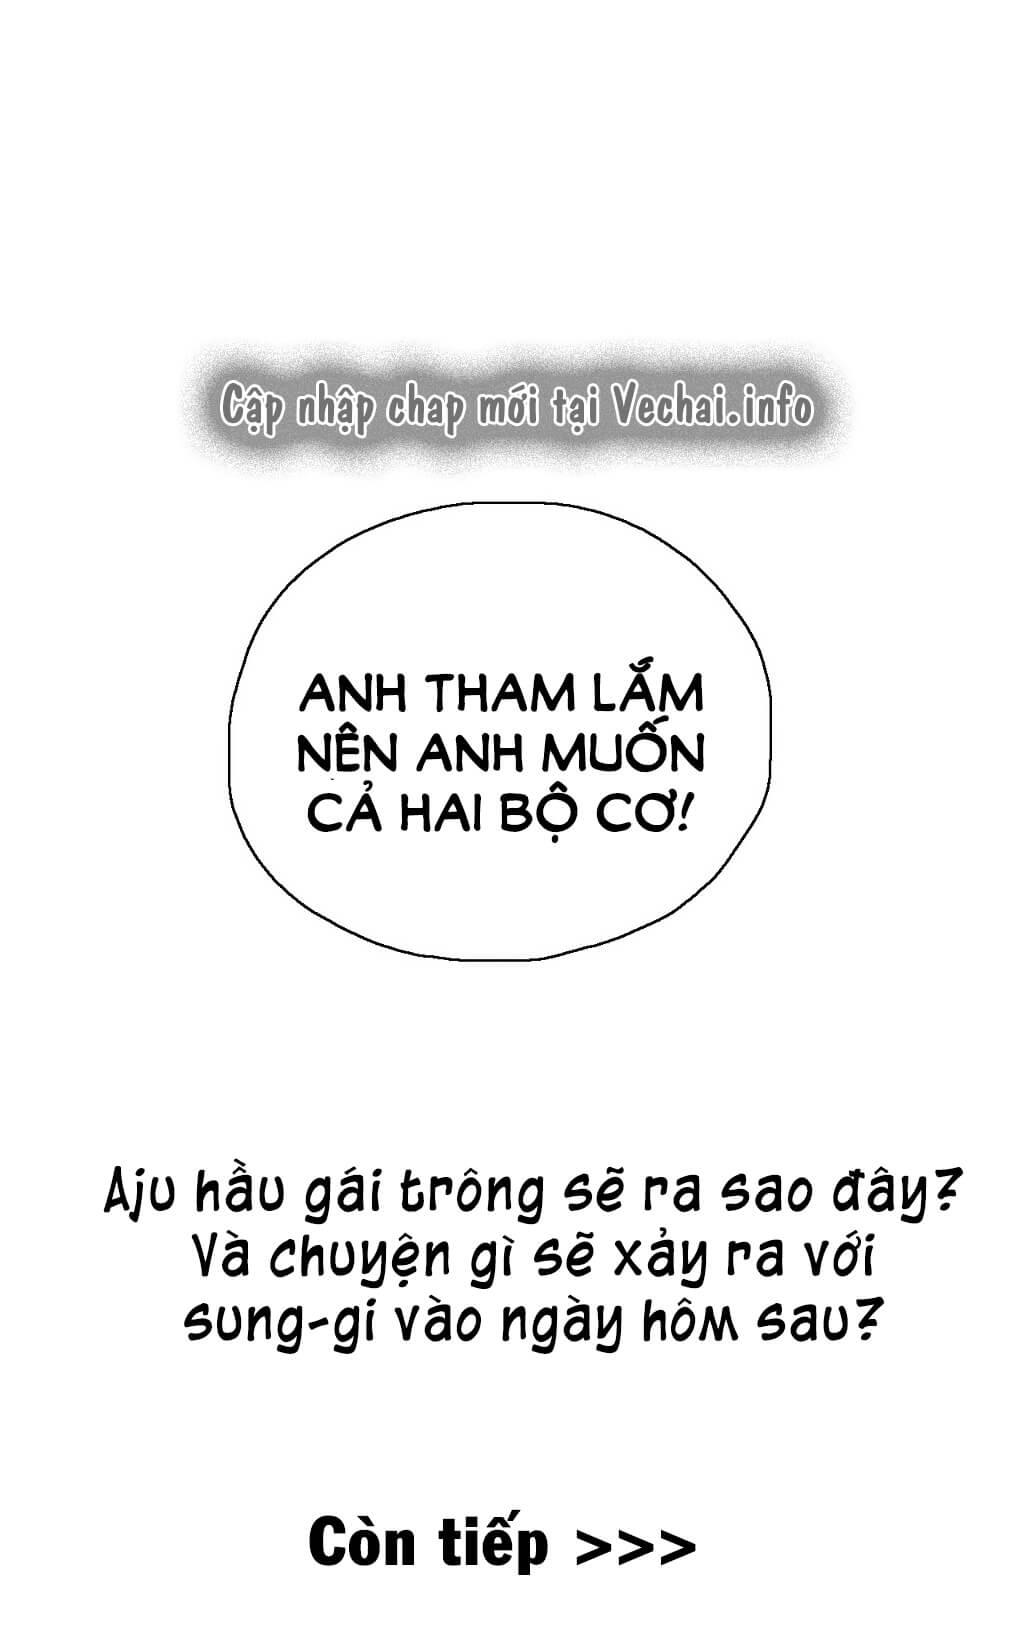 Hình ảnh HINH_00027 trong bài viết Dàn Harem Của Thằng main Bựa